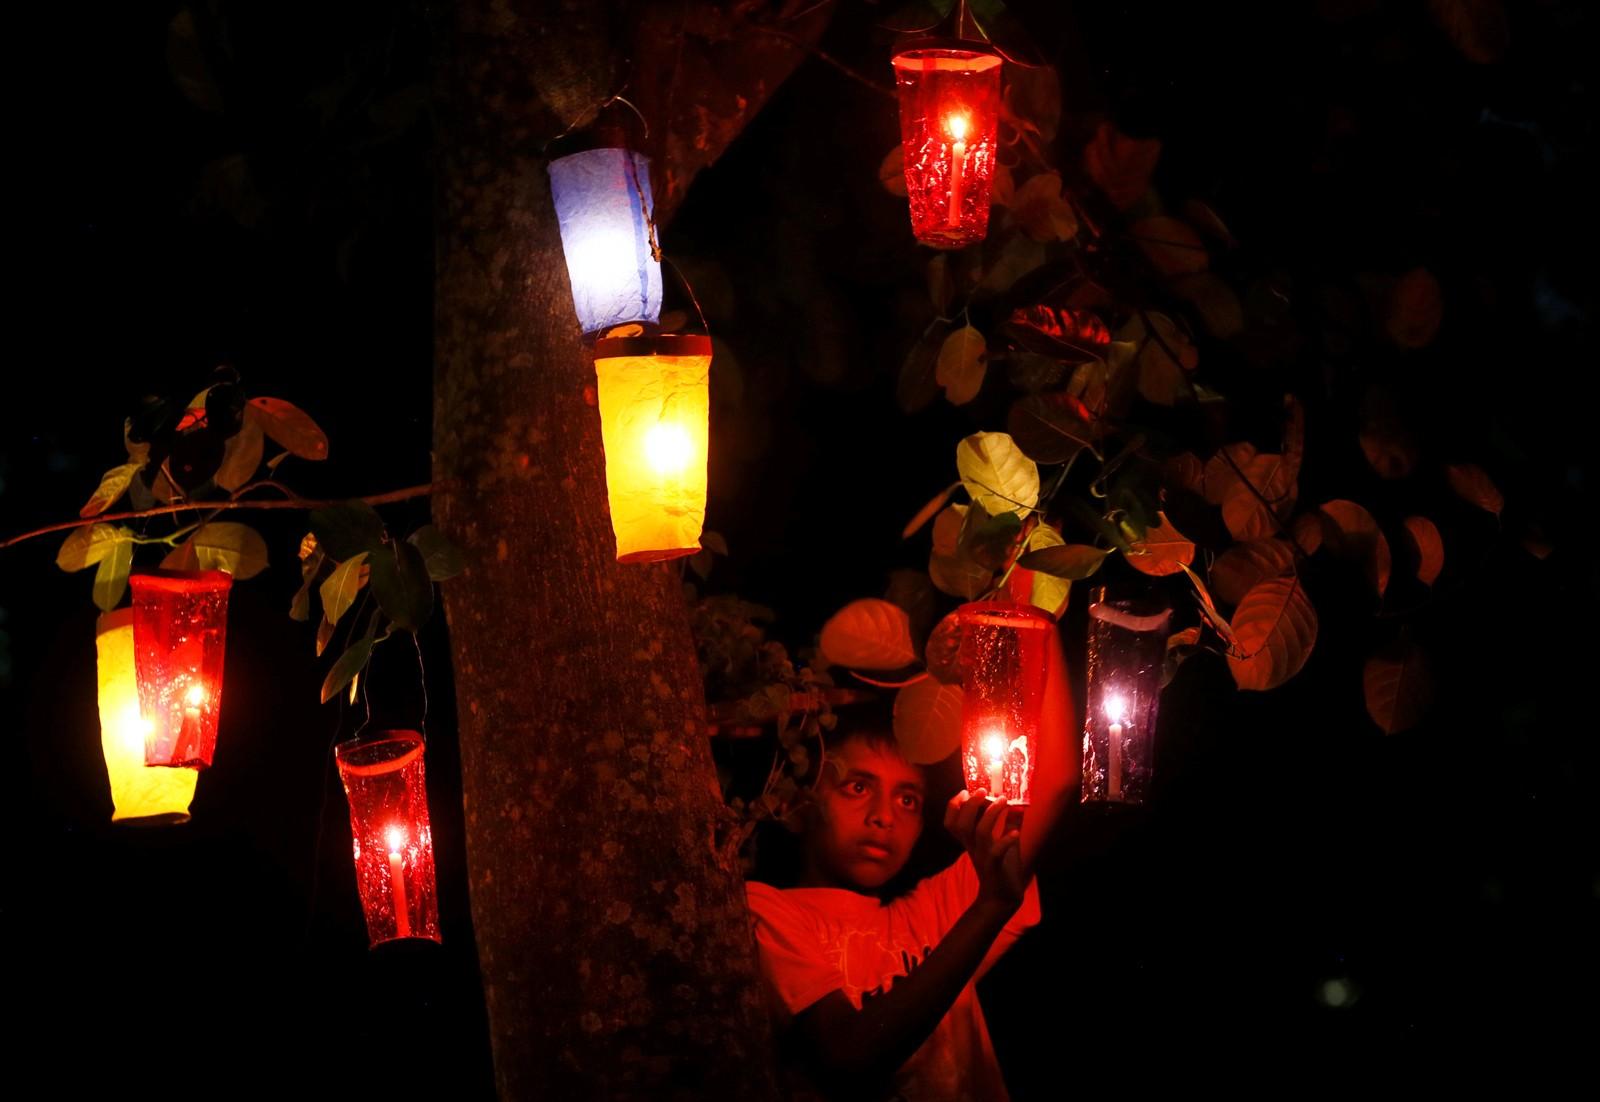 En gutt henger opp lanterner, også kalt vesak-bøtter, i forbindelse med feiringen av Buddhas fødsel. Dagen kalles Vesak-dagen. Navnet kommer fra det indiske navnet på denne måneden.